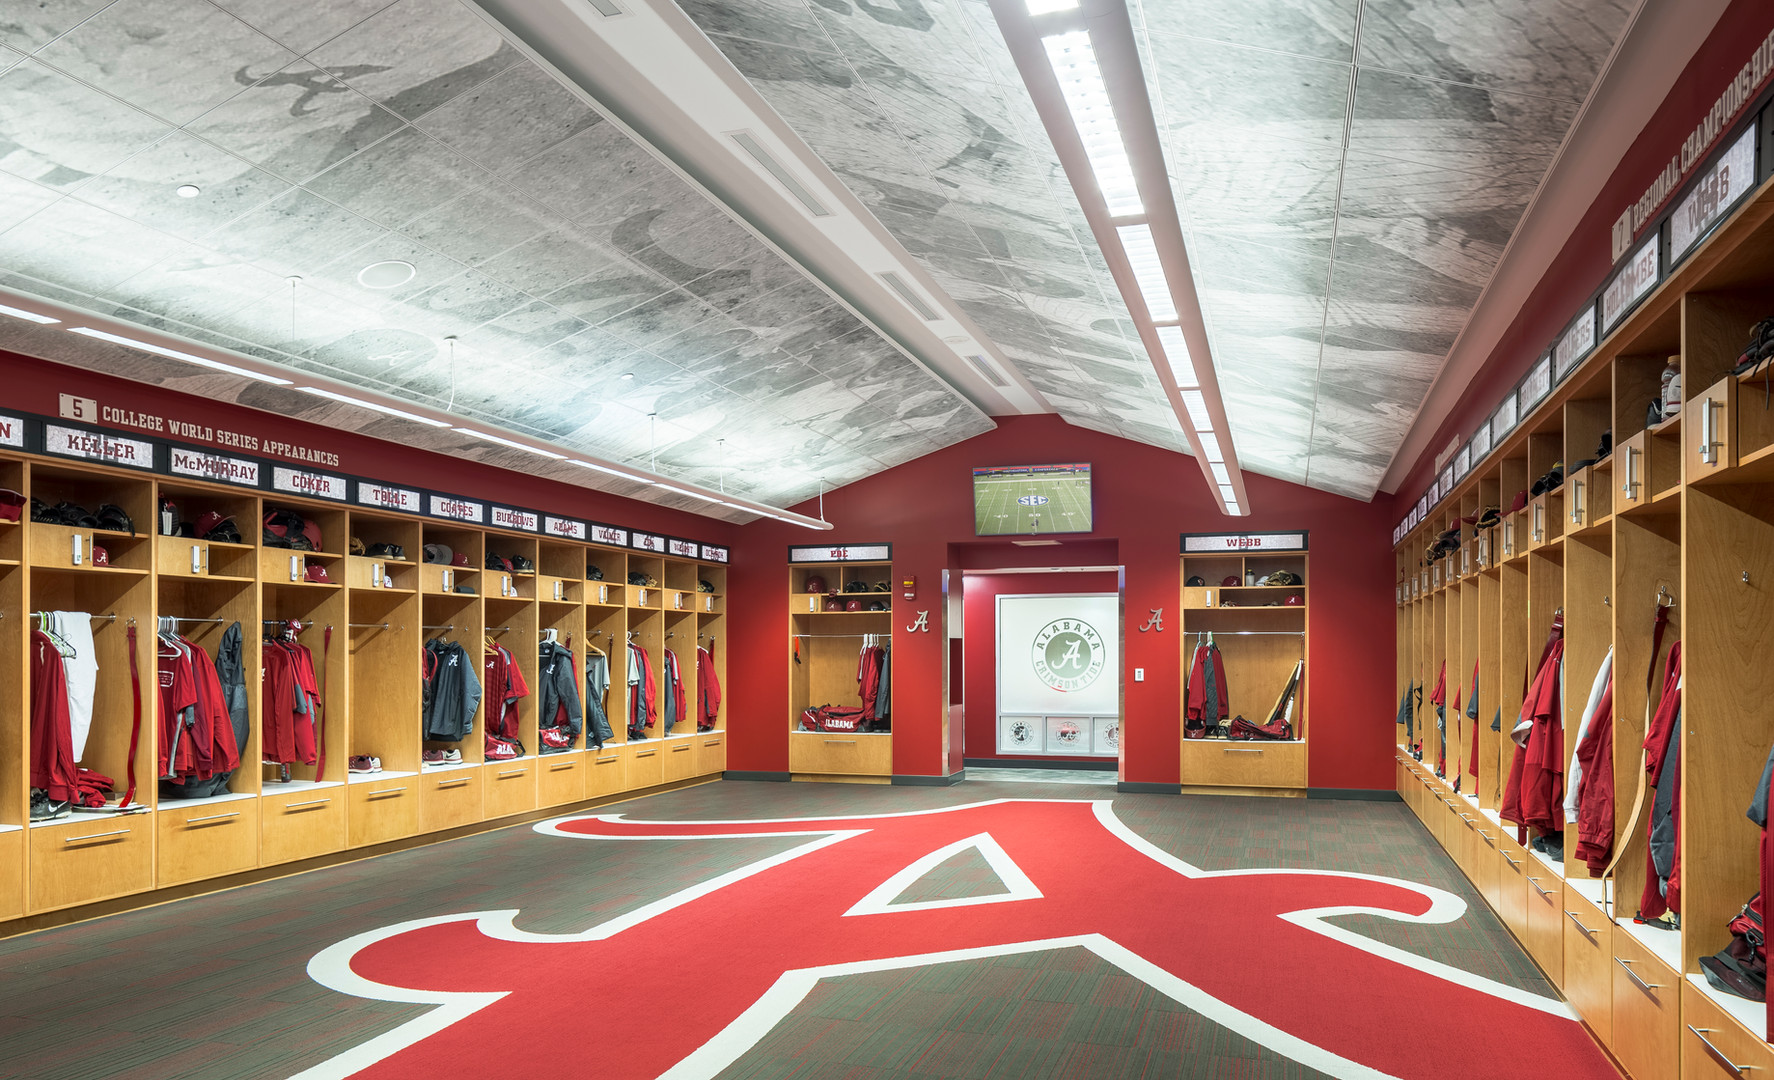 University of Alabama Sewell Thomas Stadium